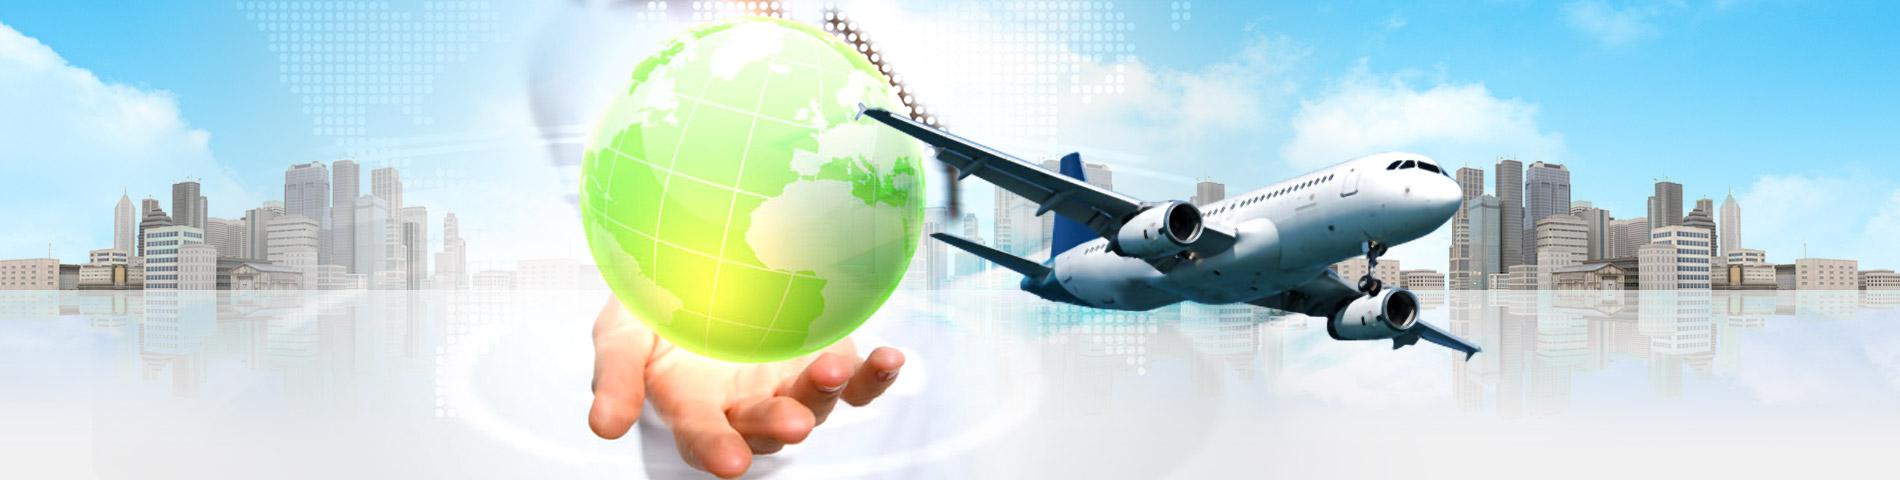 Nhanh Tốc độ giao hàng Chúng tôi cung cấp thời gian giao hàng ngắn nhất từ 3-7 ngày đối với đơn vị tiêu chuẩn để giảm chi phí tồn kho của khách hàng.